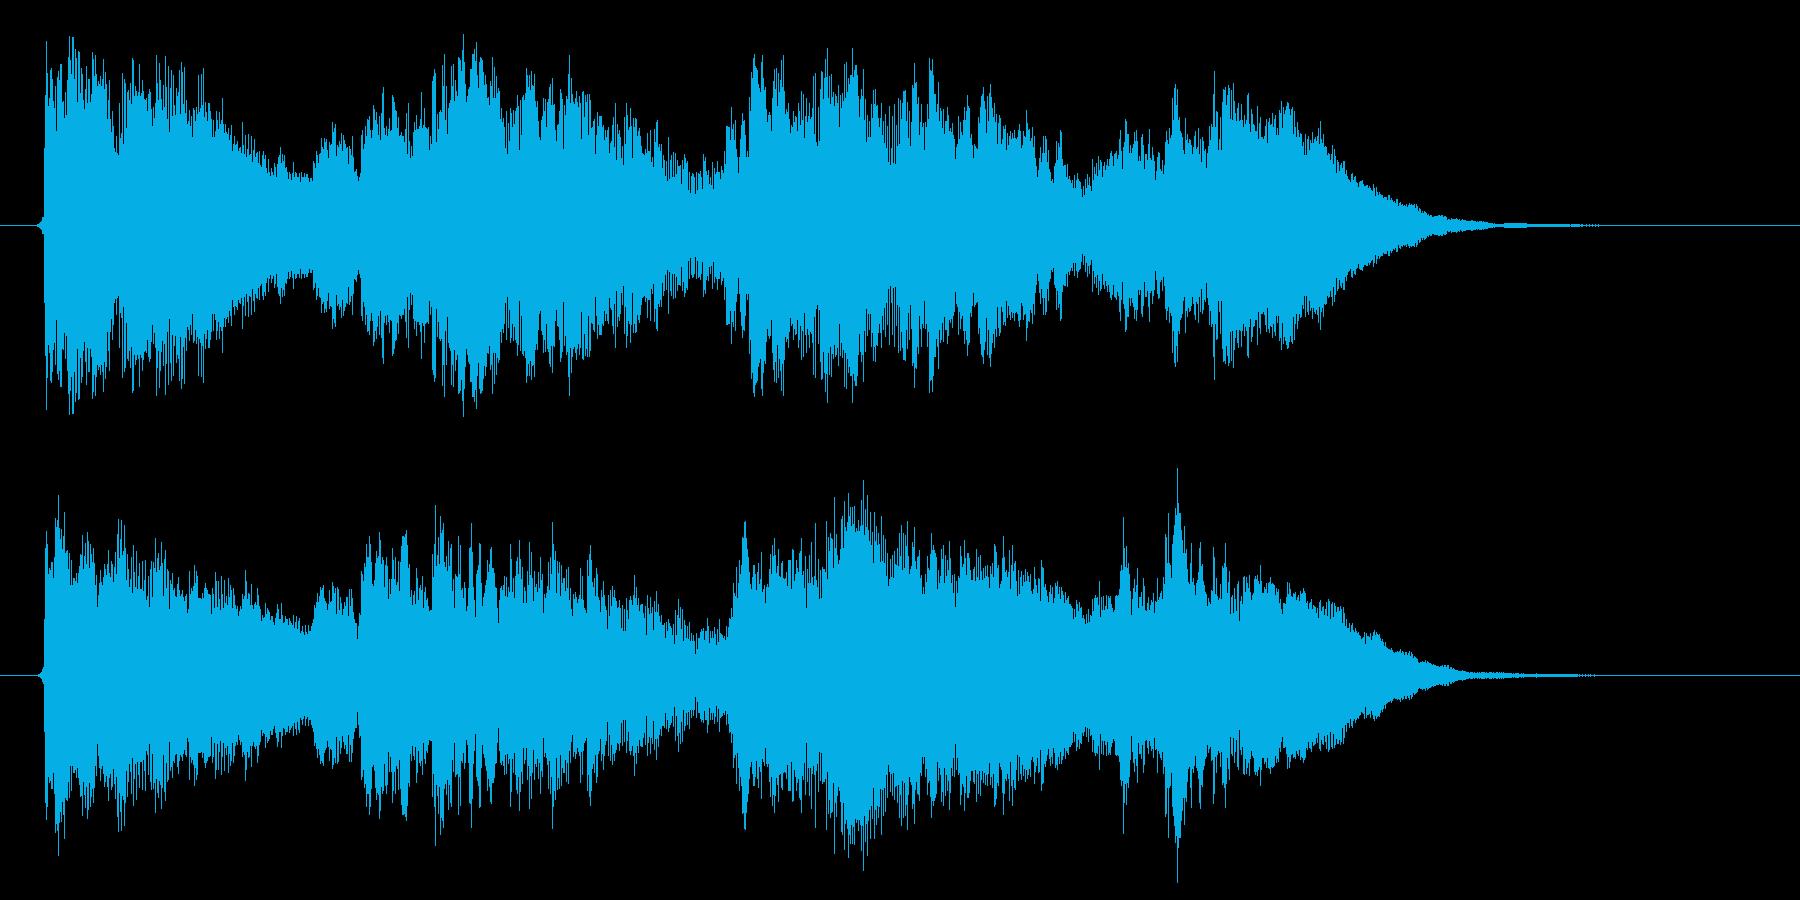 和やかで爽快感のあるキレイな音楽の再生済みの波形